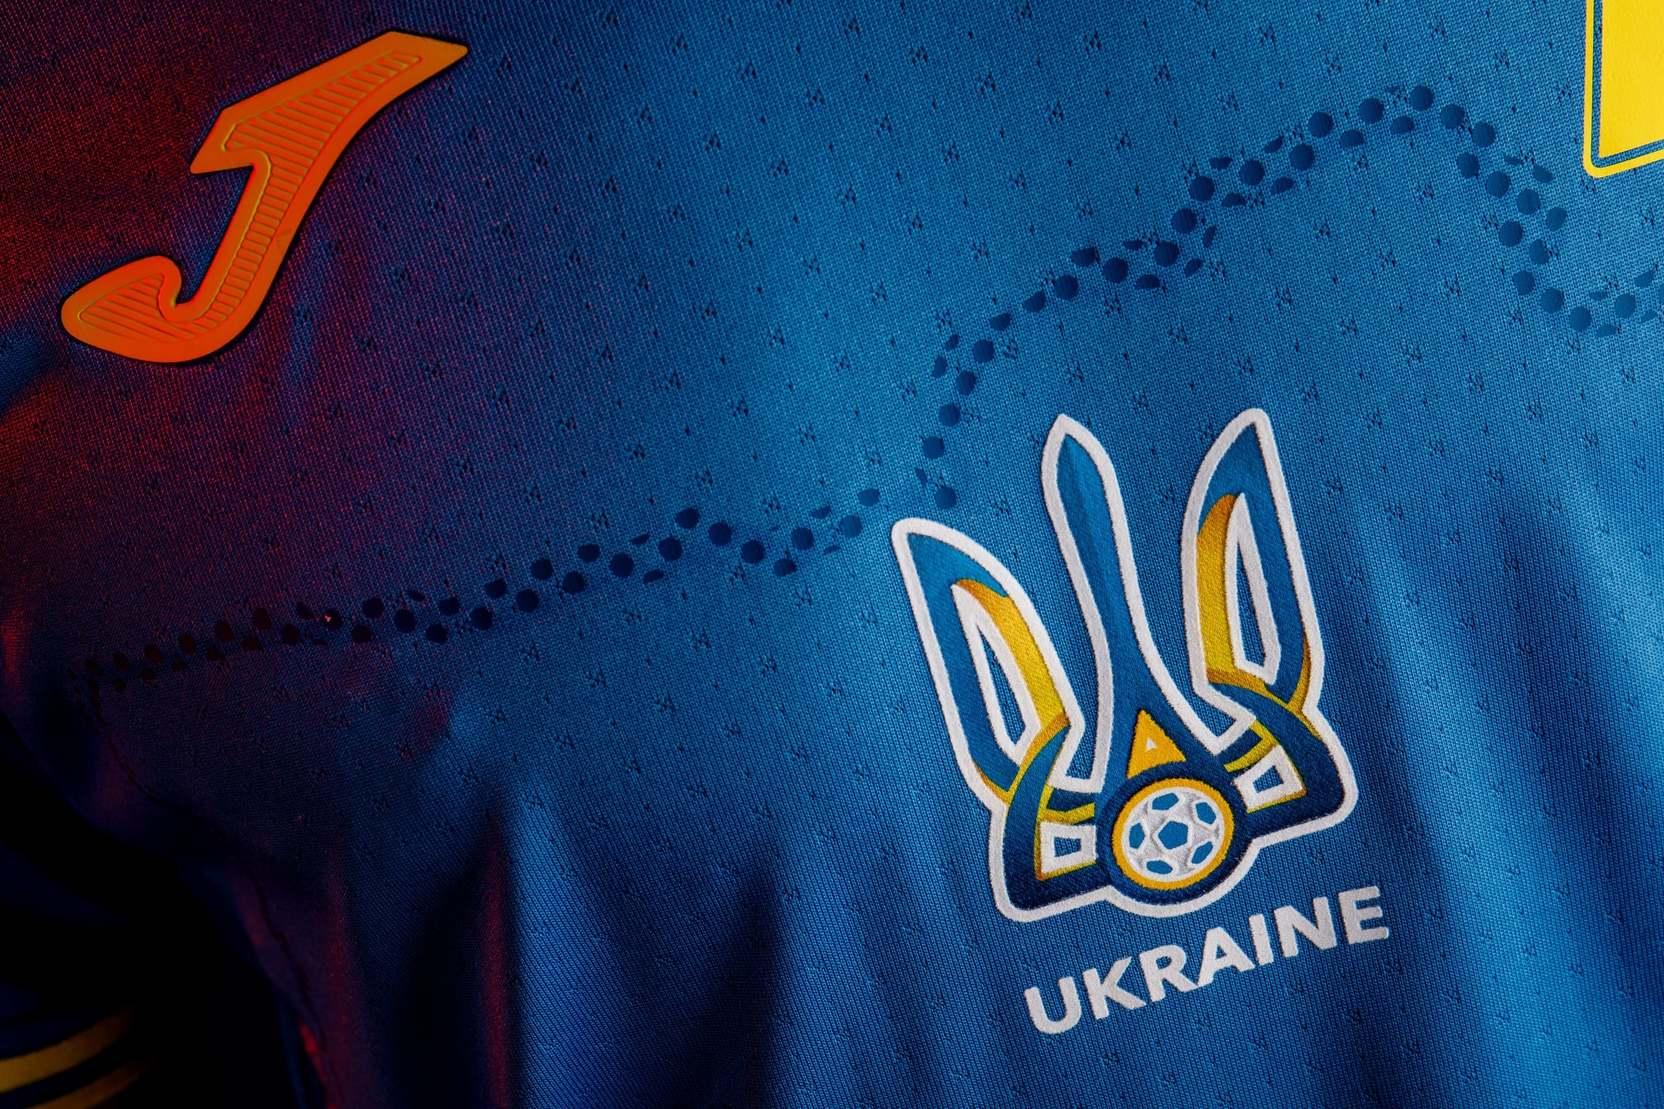 Украинский слоган Героям слава! на форме футбольной сборной будет прикрыт